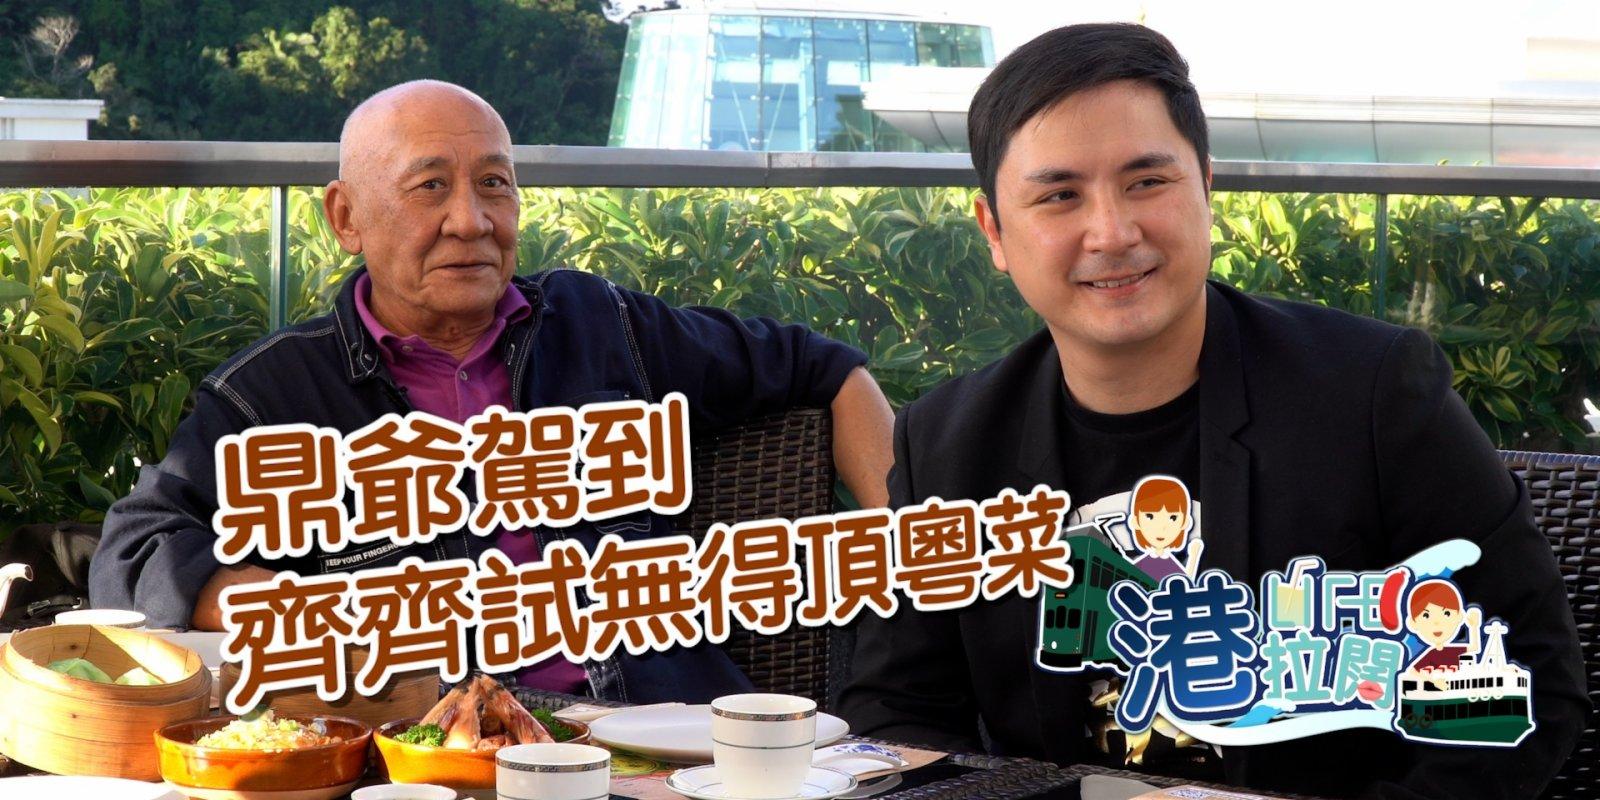 港・拉闊 Ep15 | 鼎爺駕到之懷舊粵菜美味大揭秘!